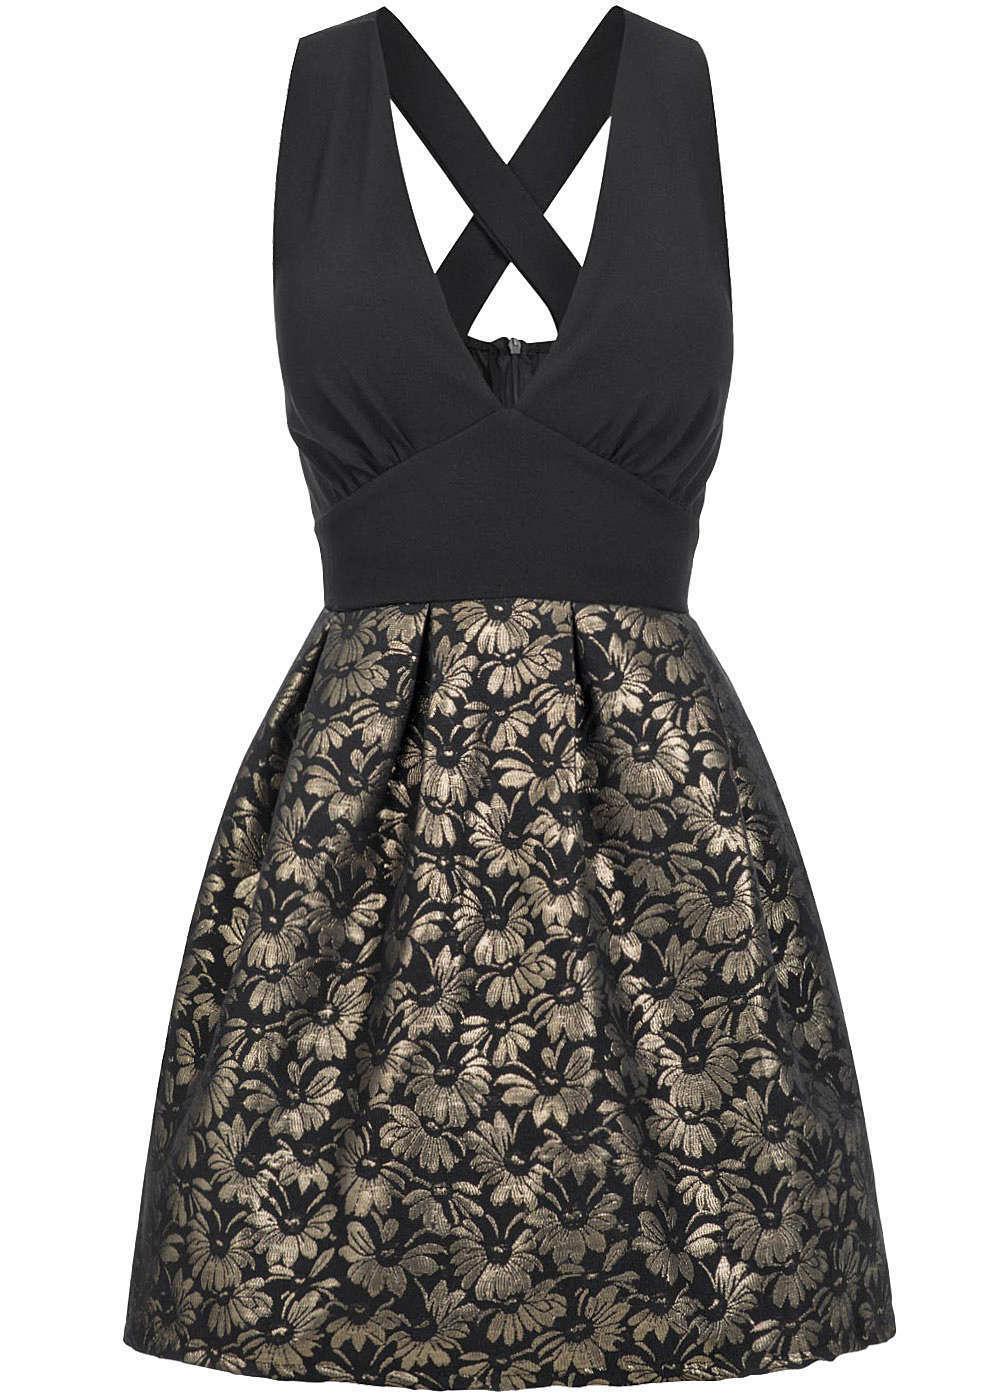 50% OFF B16086860 Damen Violet Kleid kurz ausgestellt tiefer Ausschnitt schwarz